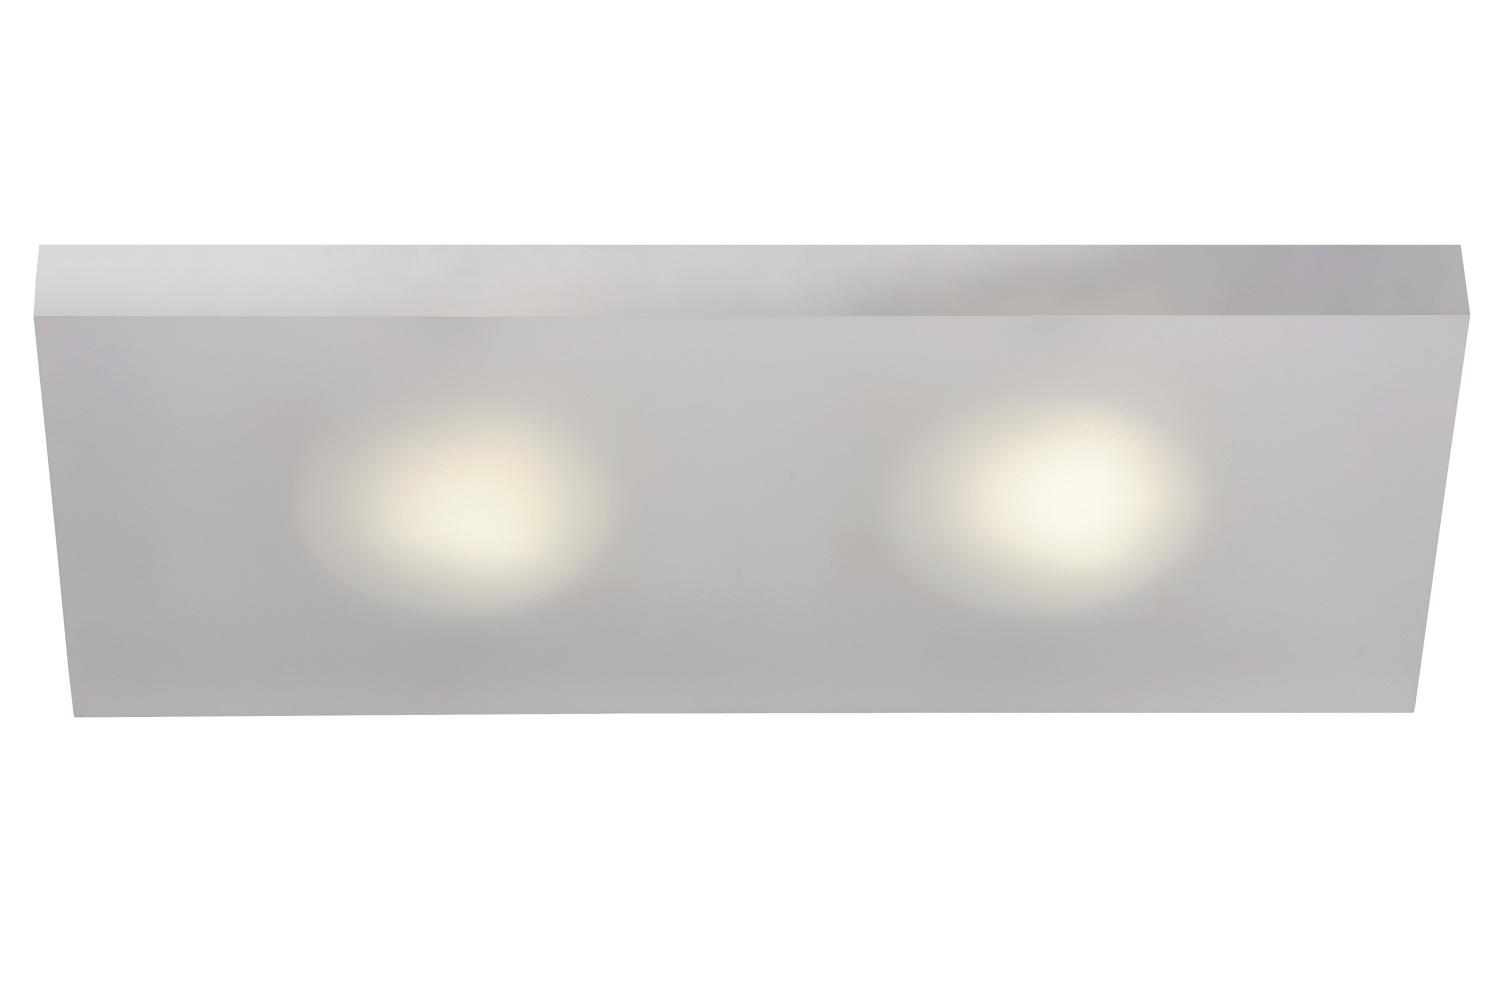 Lucide WINX-LED Wandlicht 2xGX53/7W 6/15/35cm Ijsmat Acry Diverse verlichting